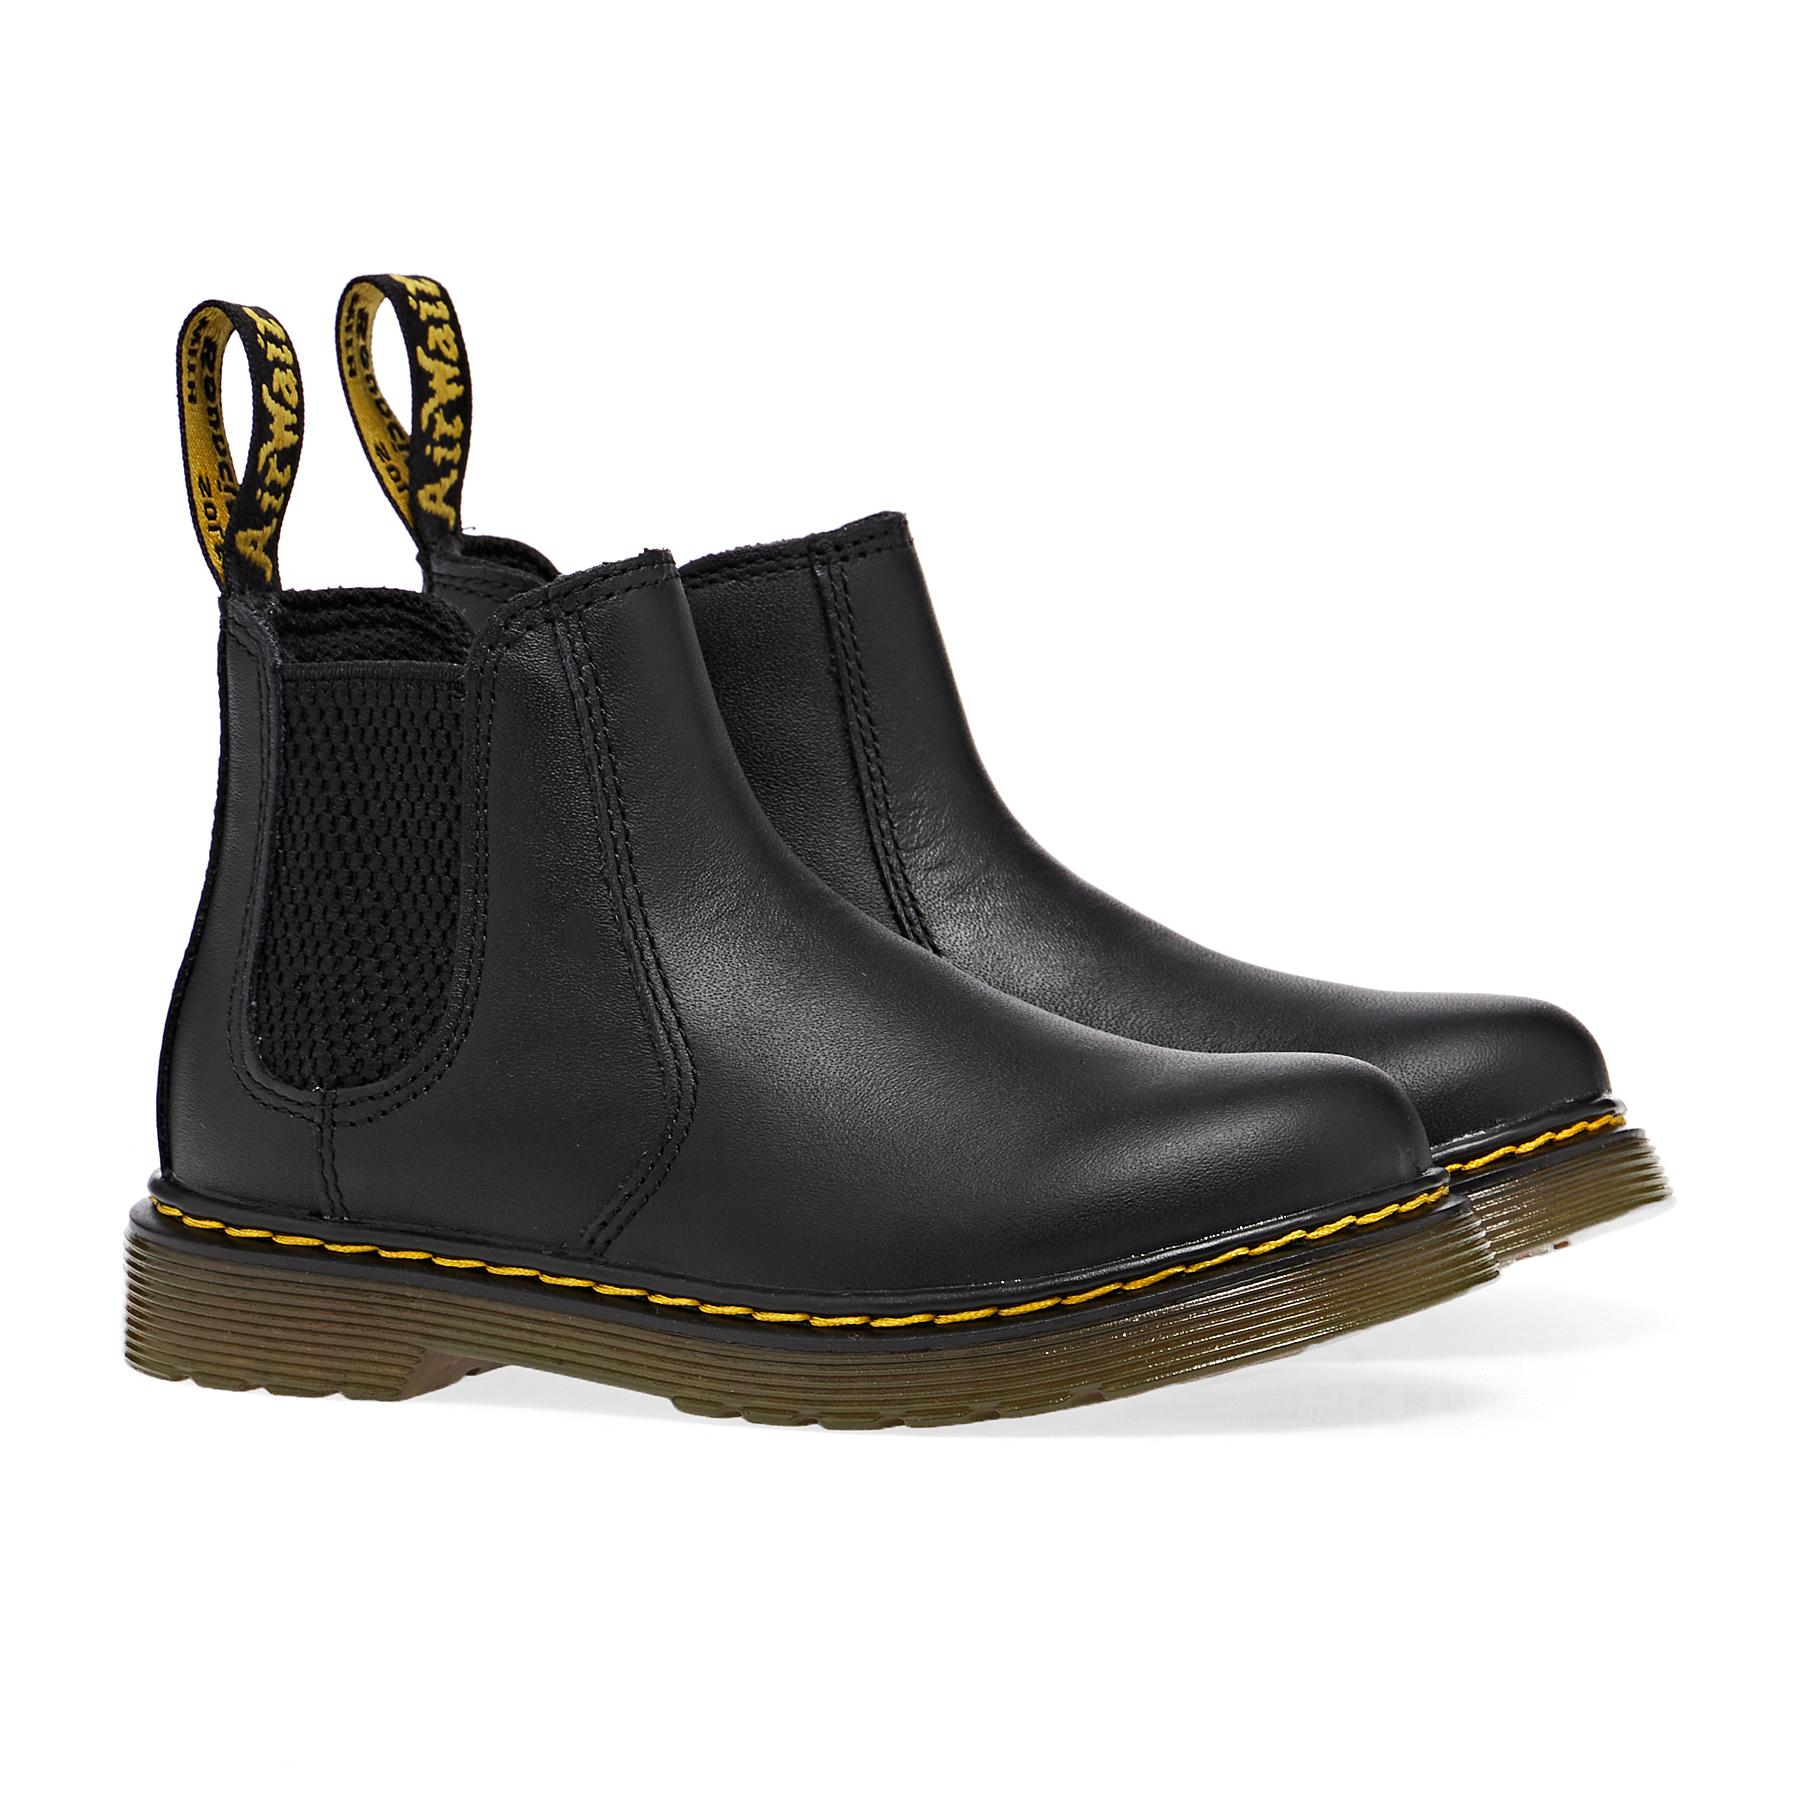 Dr Martens 2976 Kids ブーツ - Soft Black